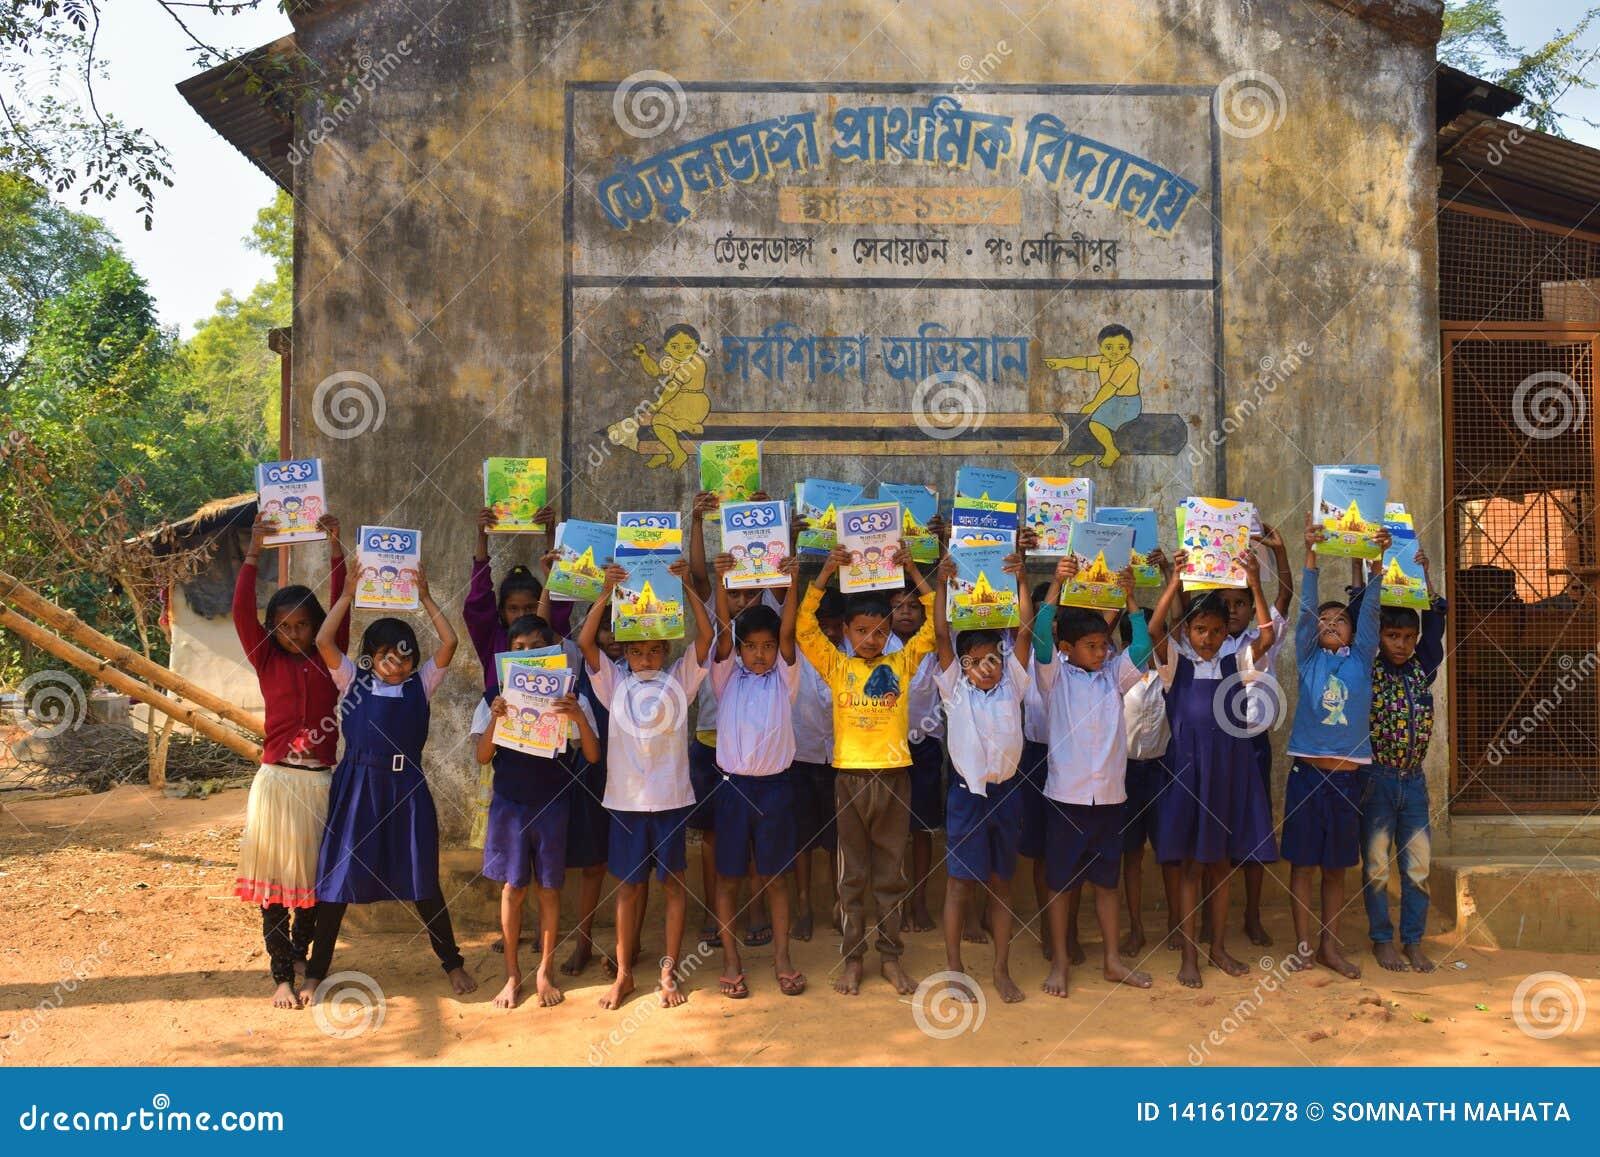 Jhargram, West-Bengalen, India - Januari 2, 2019: De internationale Boekdag werd gevierd door de studenten van een lage school me